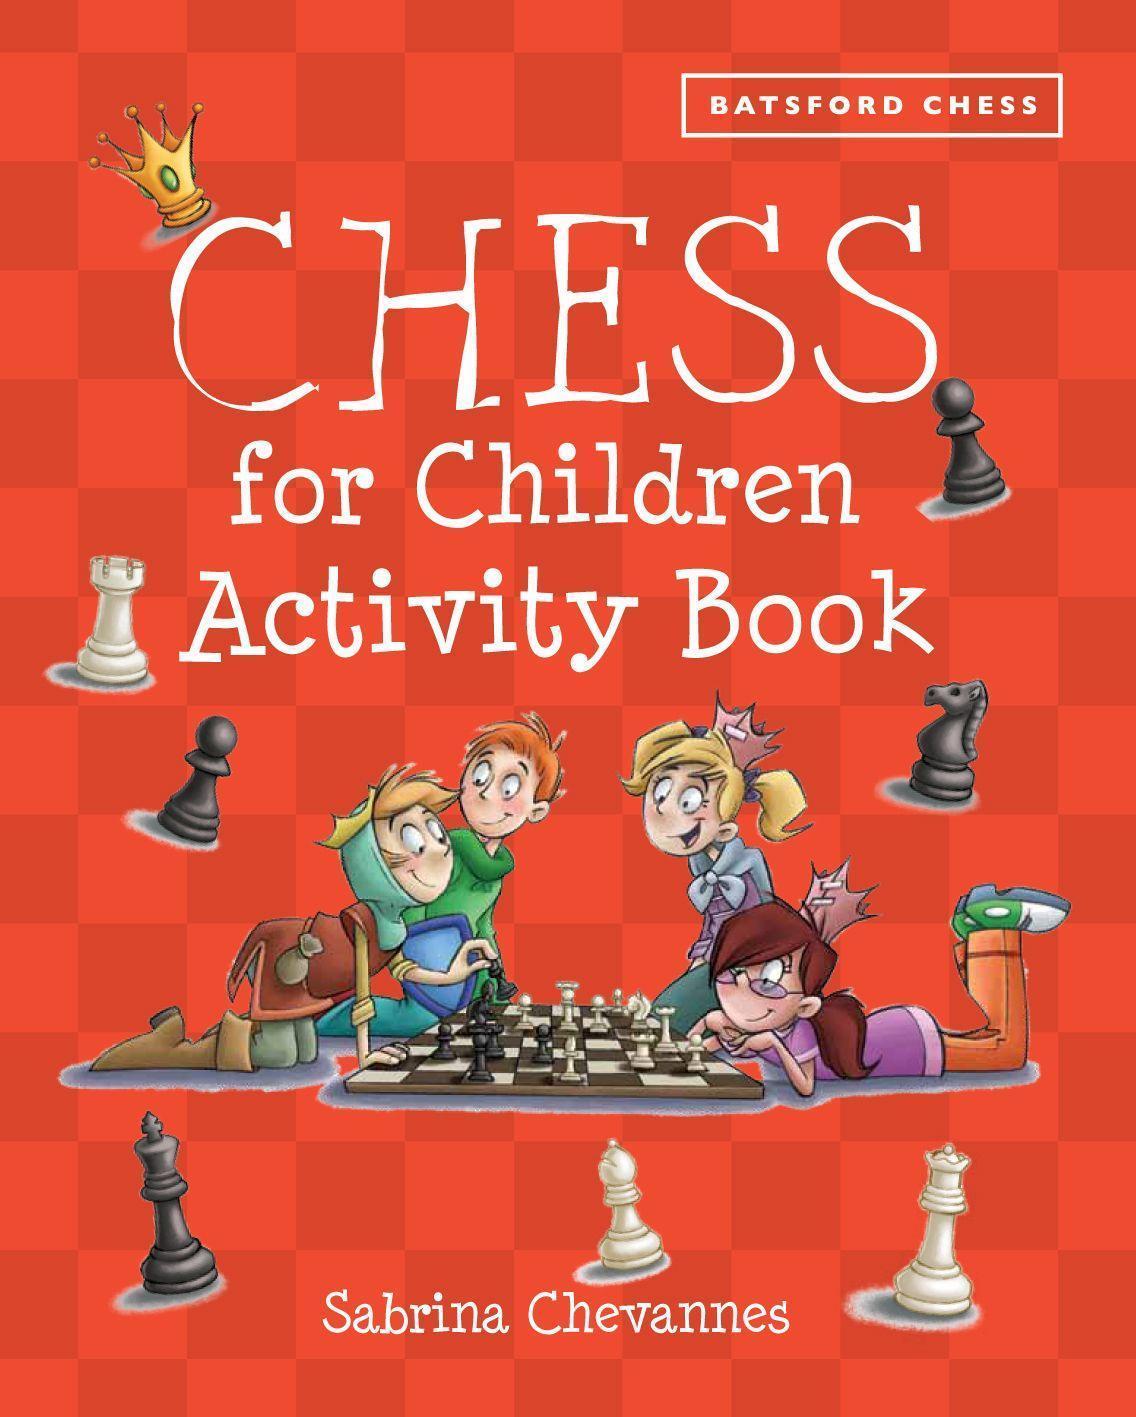 Chess for Children Activity Book   Sabrina Chevannes    9781849942843